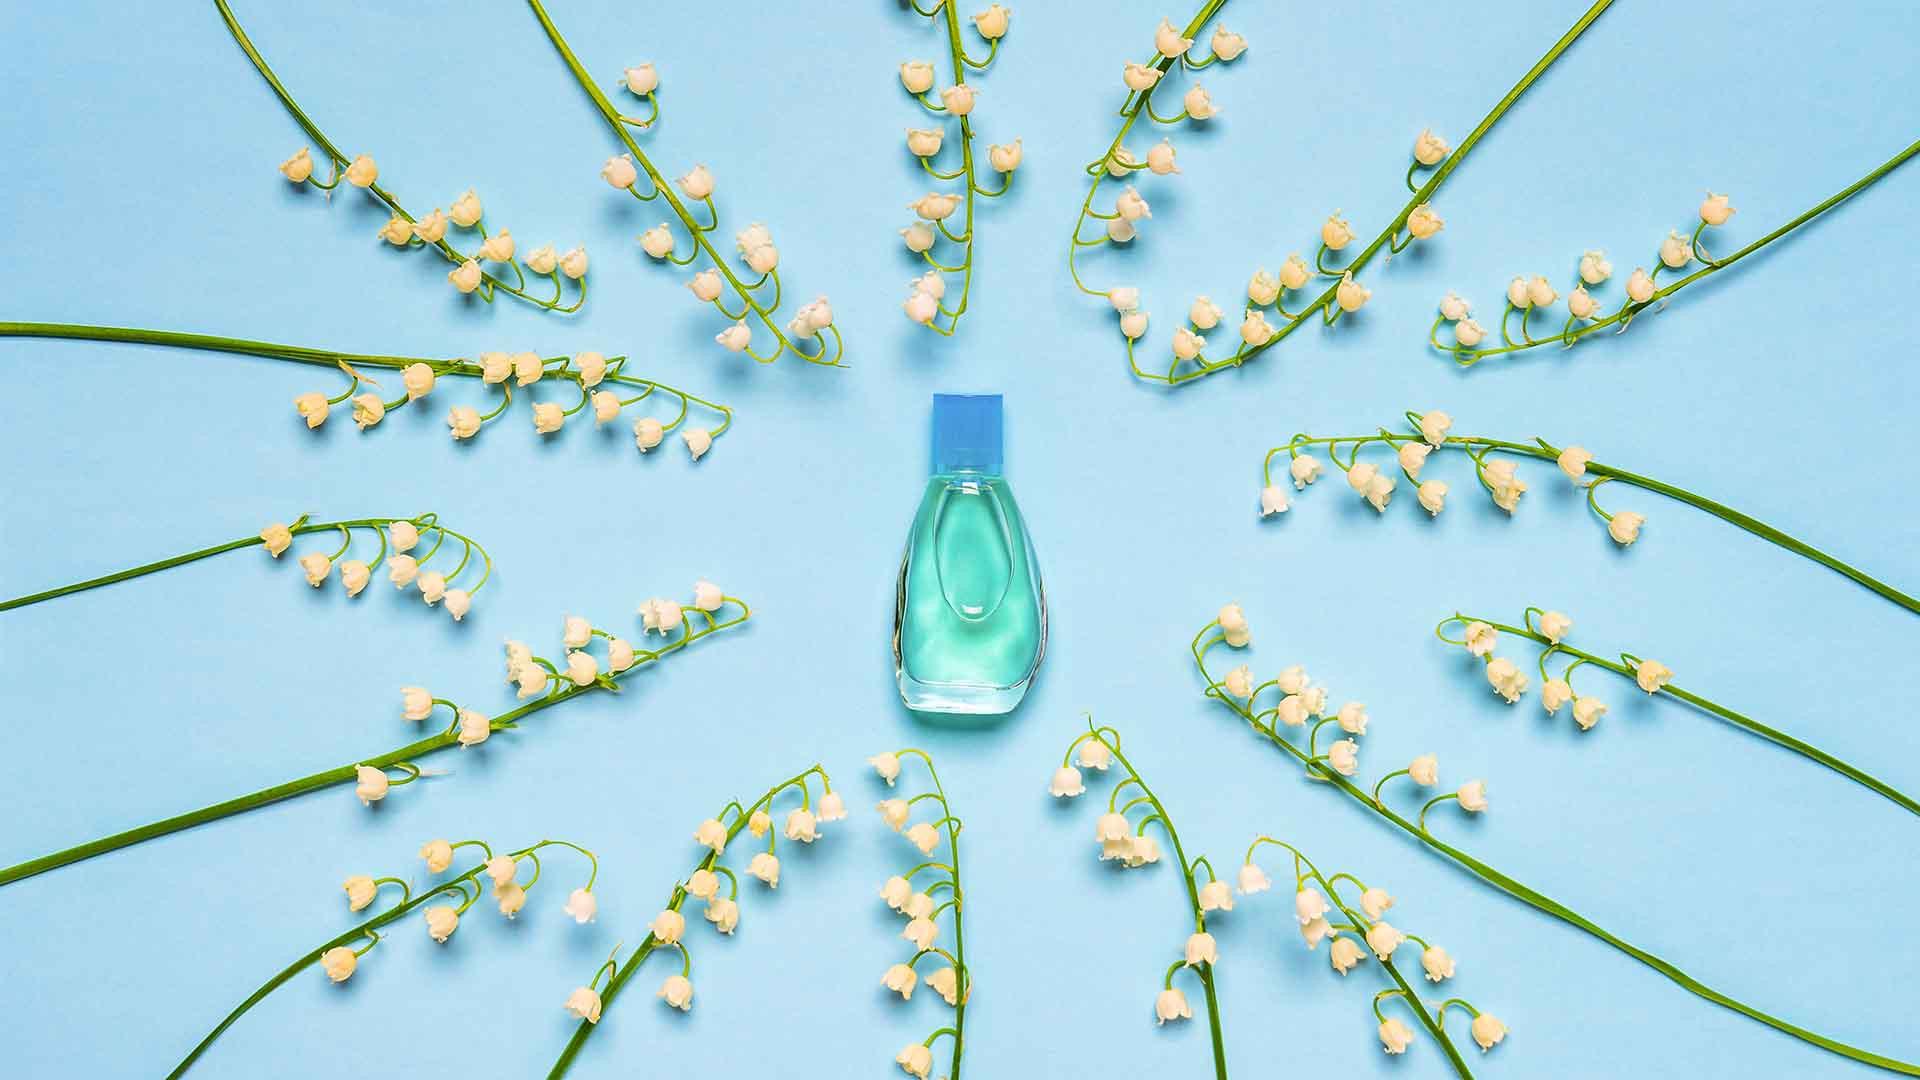 L'oroscopo delle fragranze: profumi per donne della bilancia